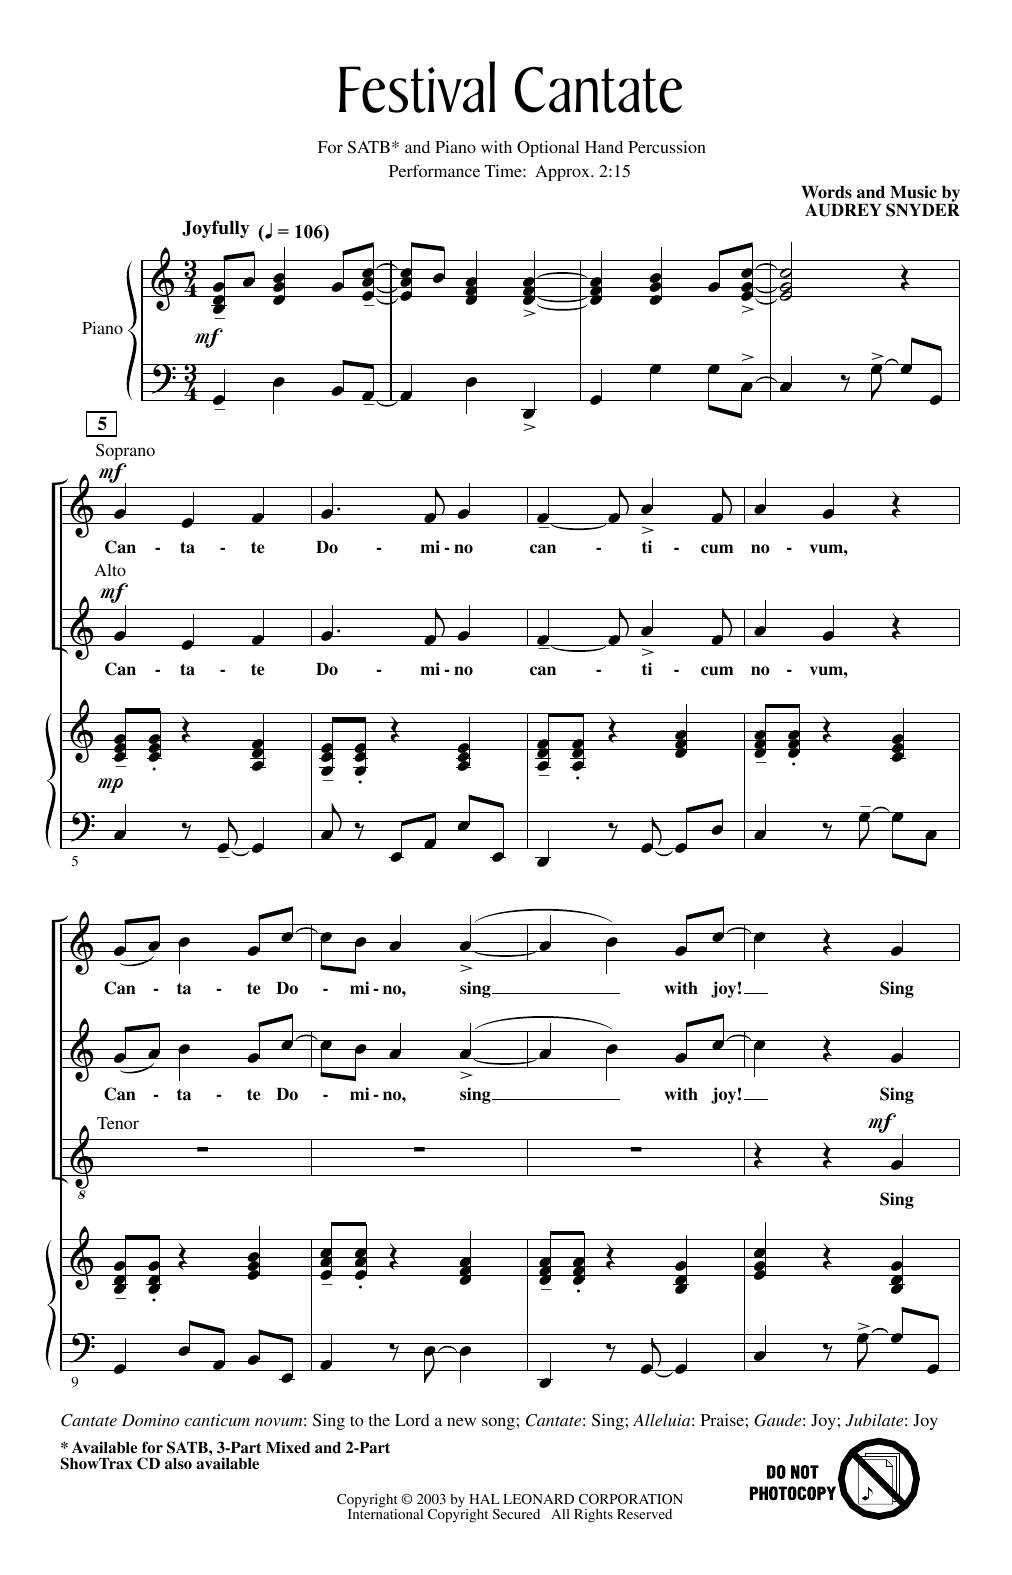 Festival Cantate (SATB Choir)